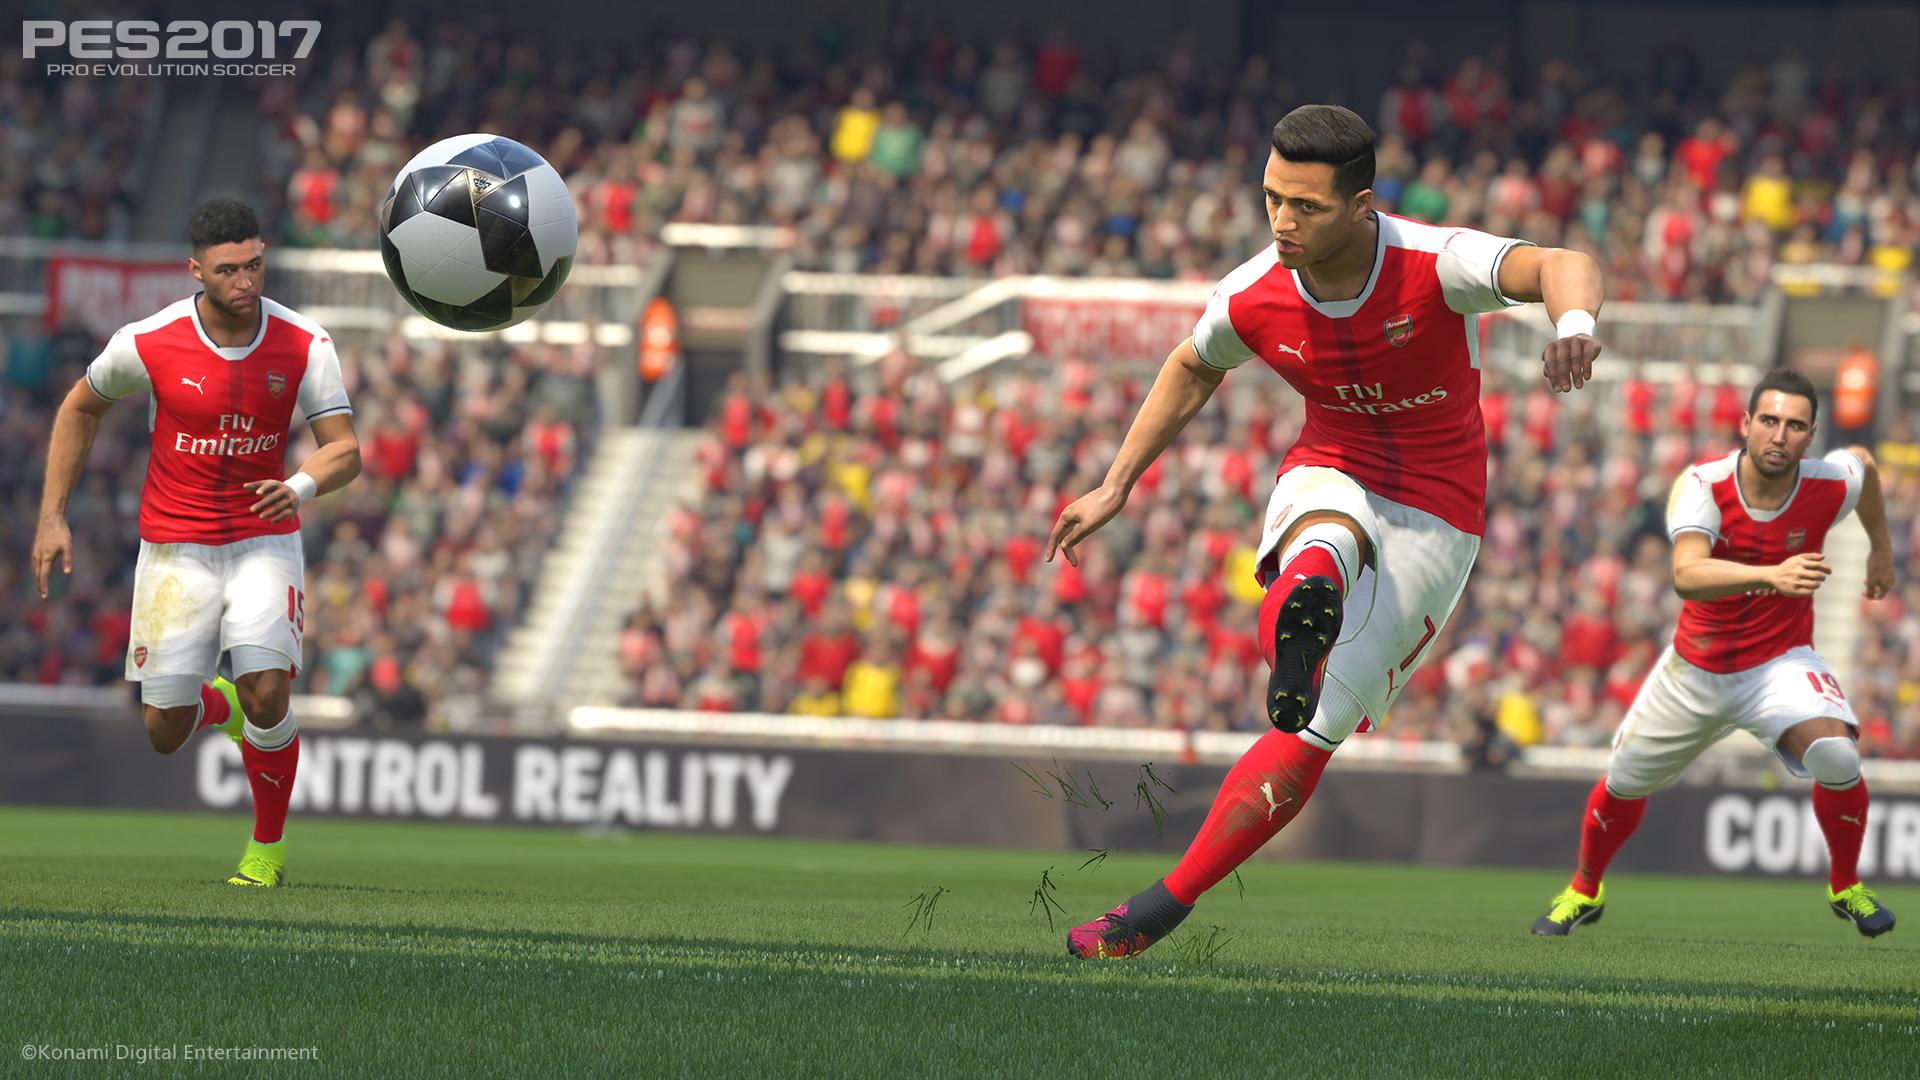 PES 2017 (PS4) - premier league action